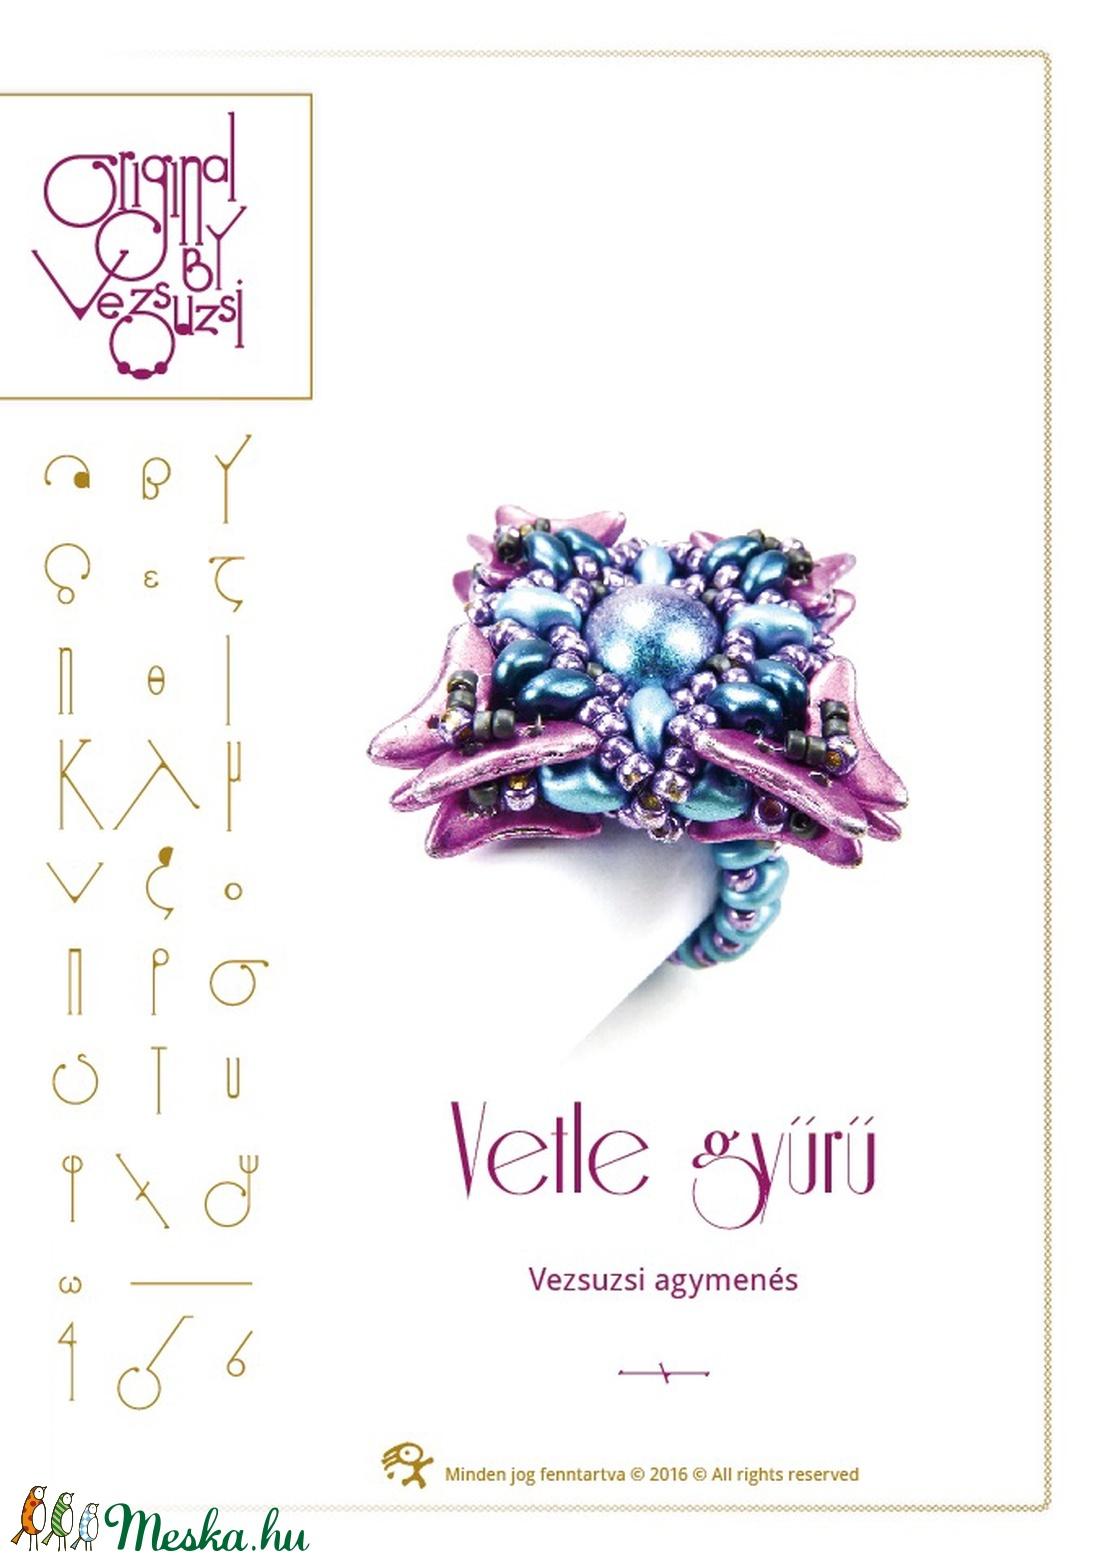 Vetle gyűrű... minta egyéni felhasználásra (vezsuzsiminta) - Meska.hu